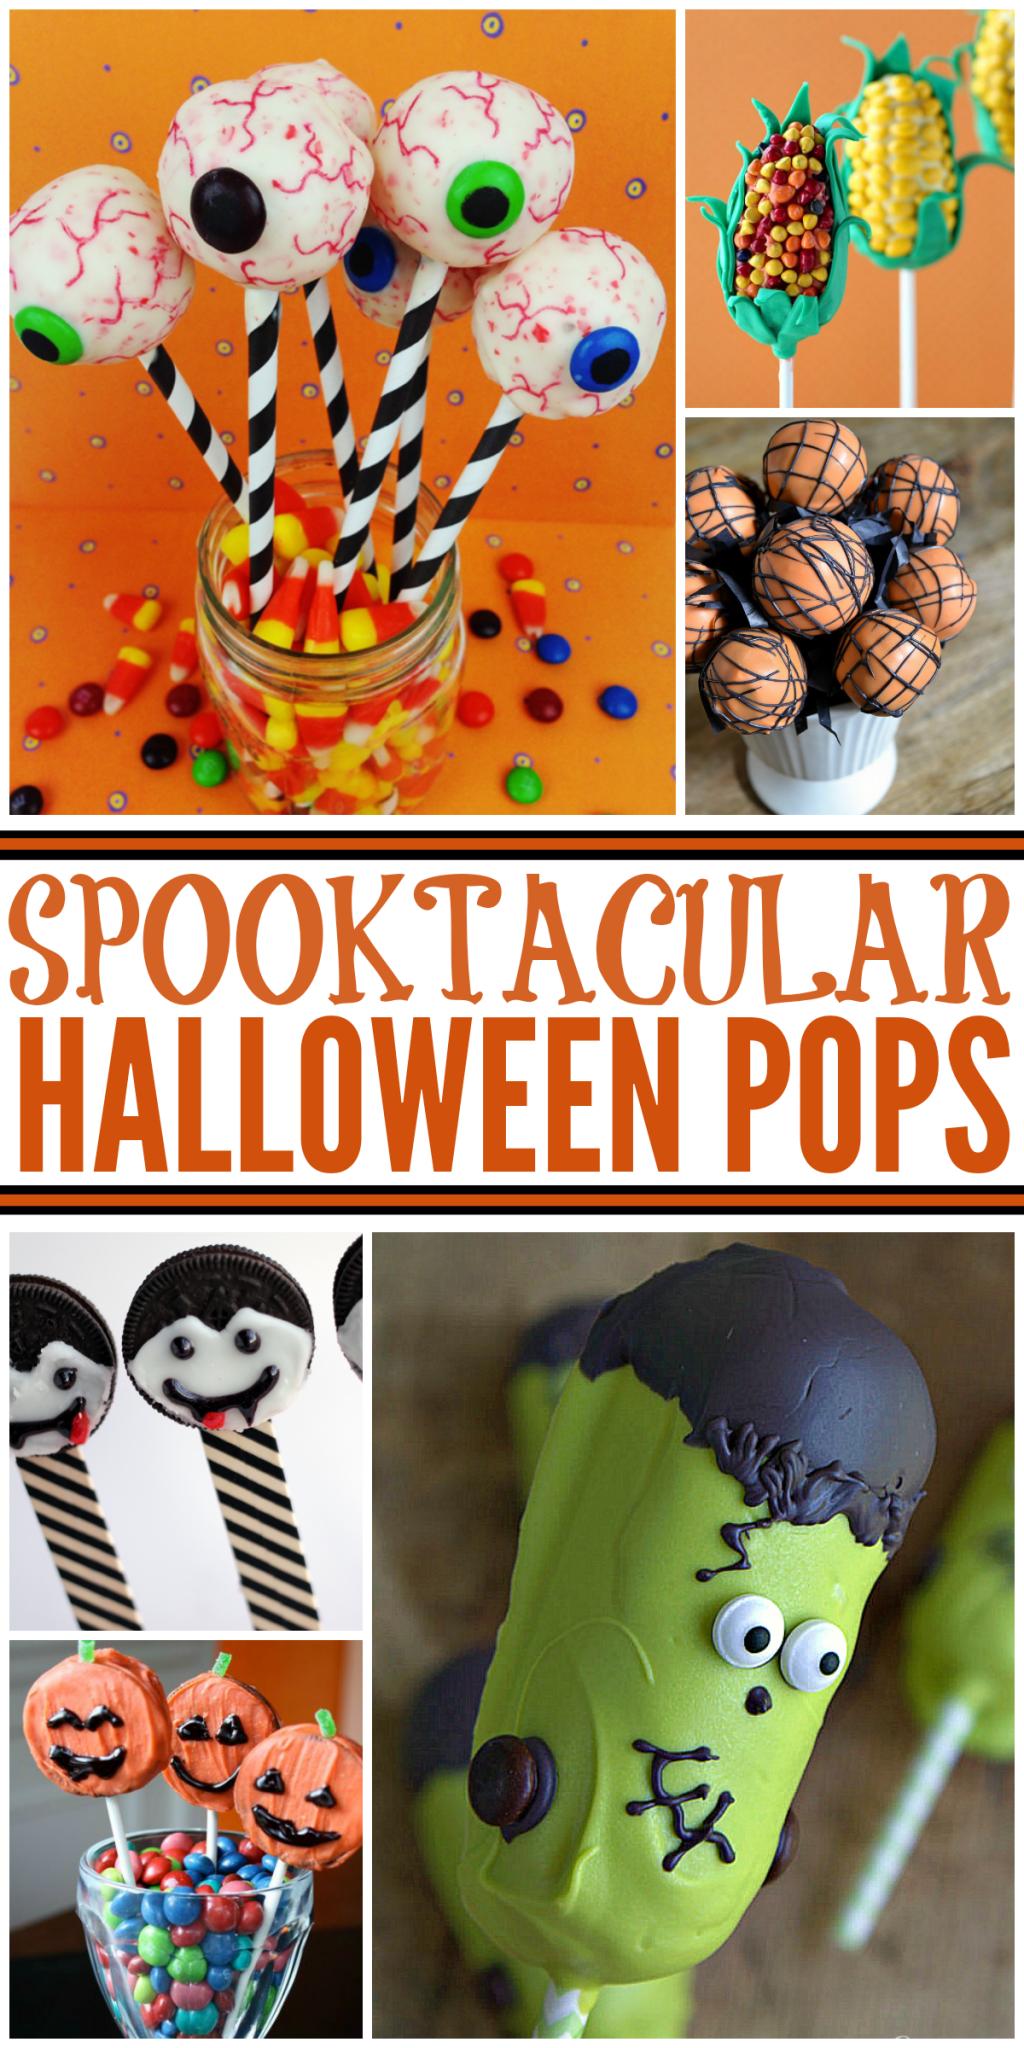 Halloween Desserts - Spooktacular Halloween Pops